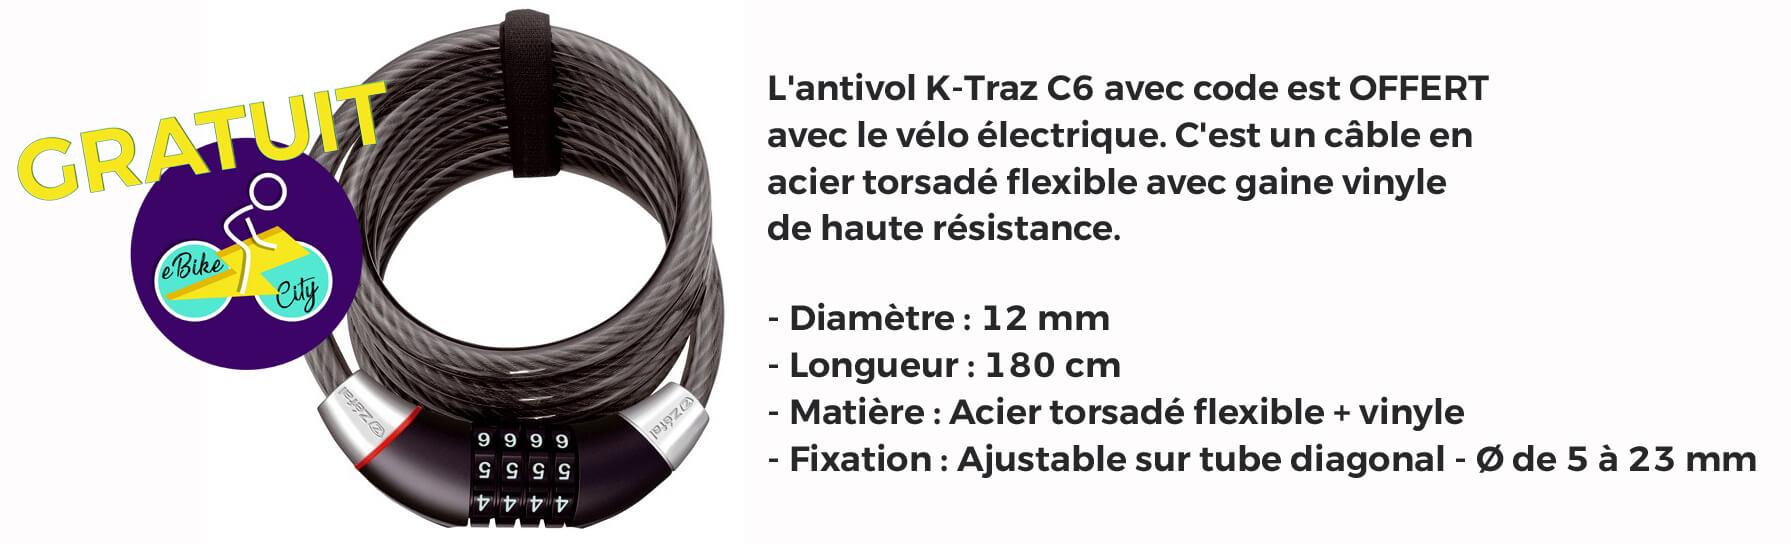 Neomouv Linaria 15.4Ah, Couleur Taupe Et Cadre De 44Cm Avec concernant Code Couleur Taupe